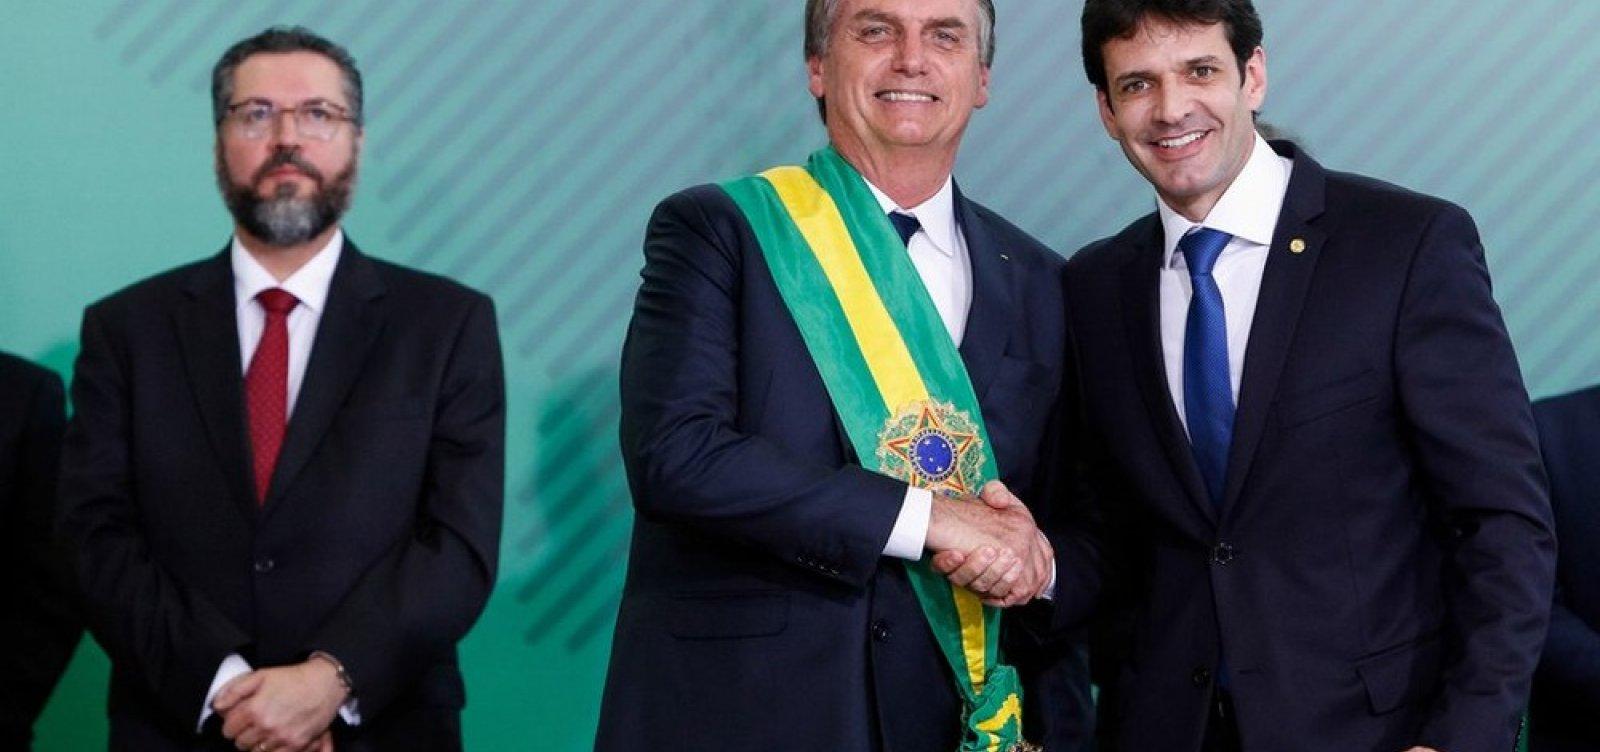 Delegado que investigava laranjal do PSL em Minas pede para sair do caso